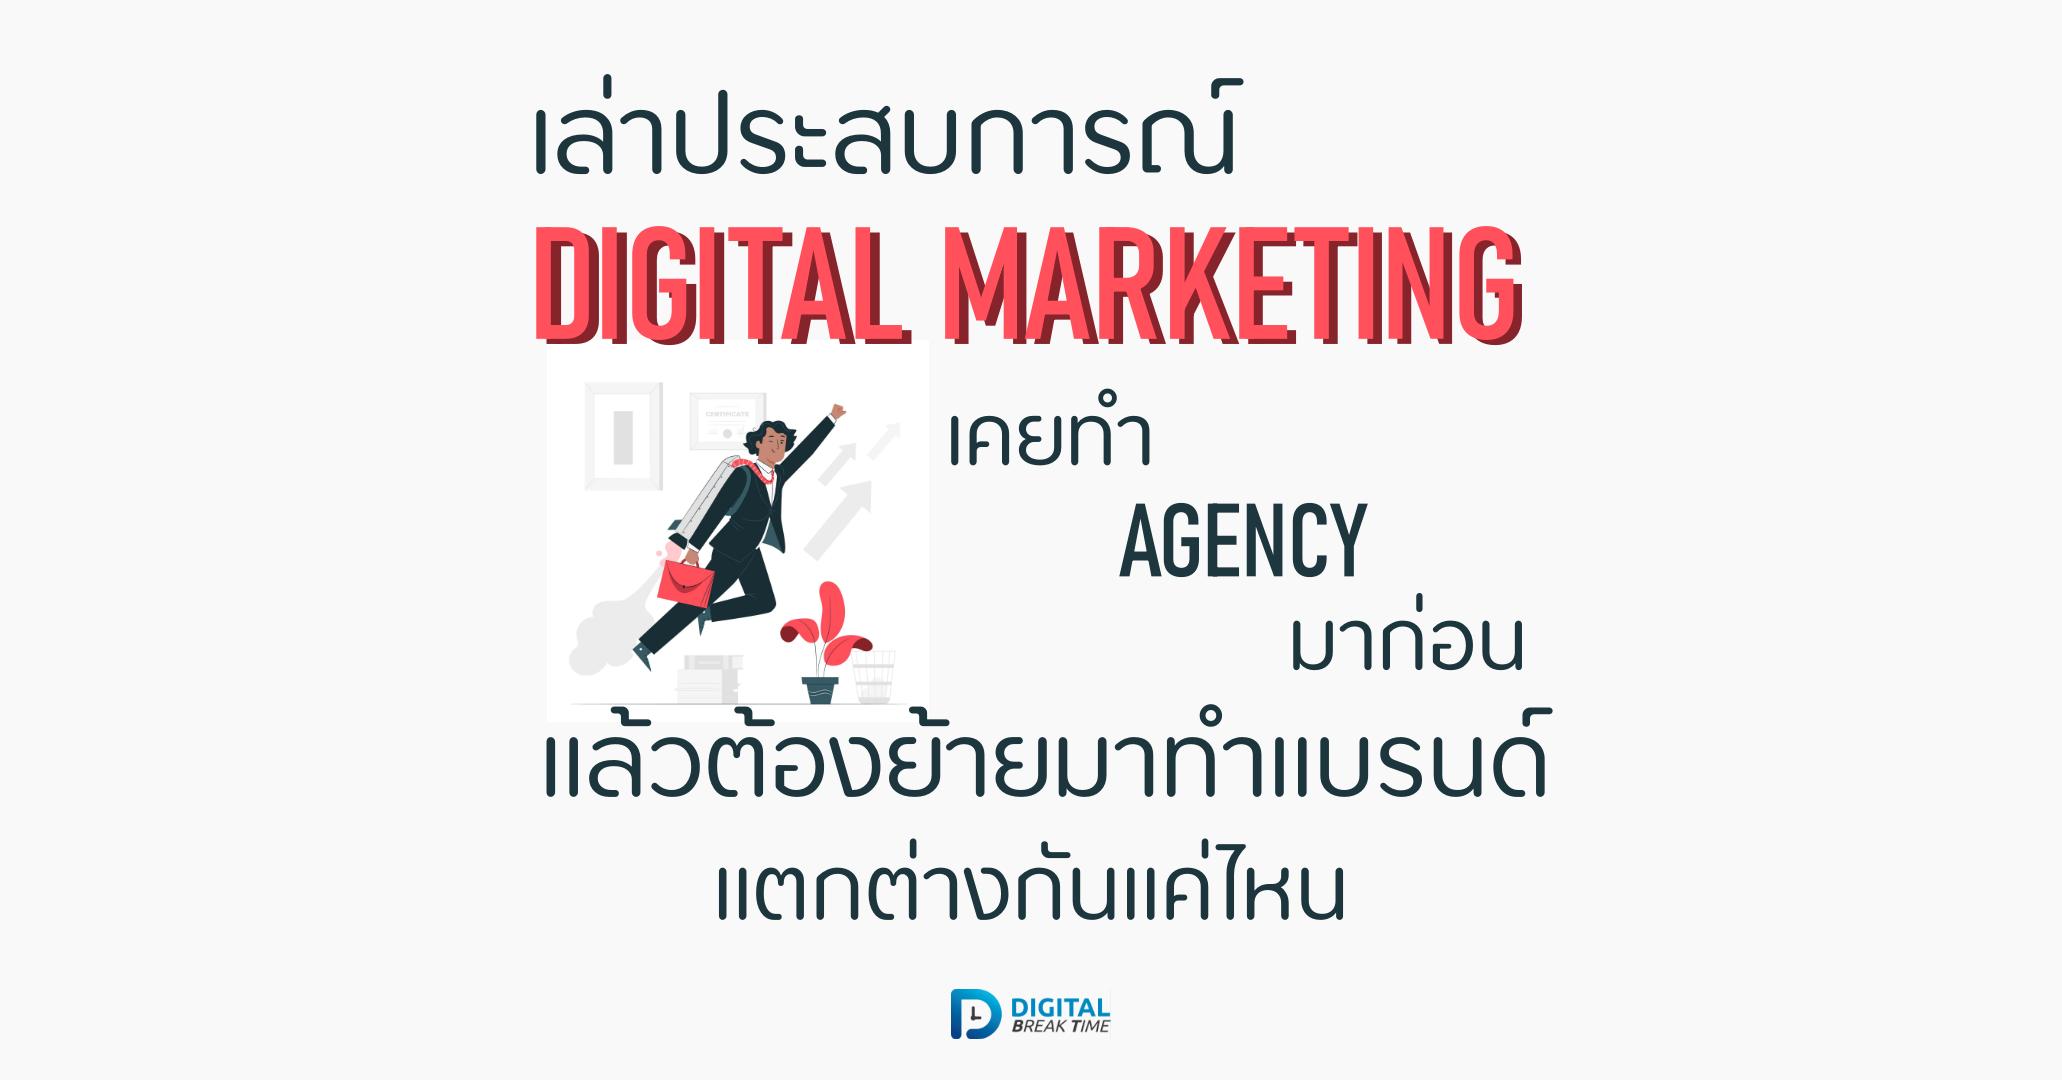 ประสบการณ์ Digital Marketing